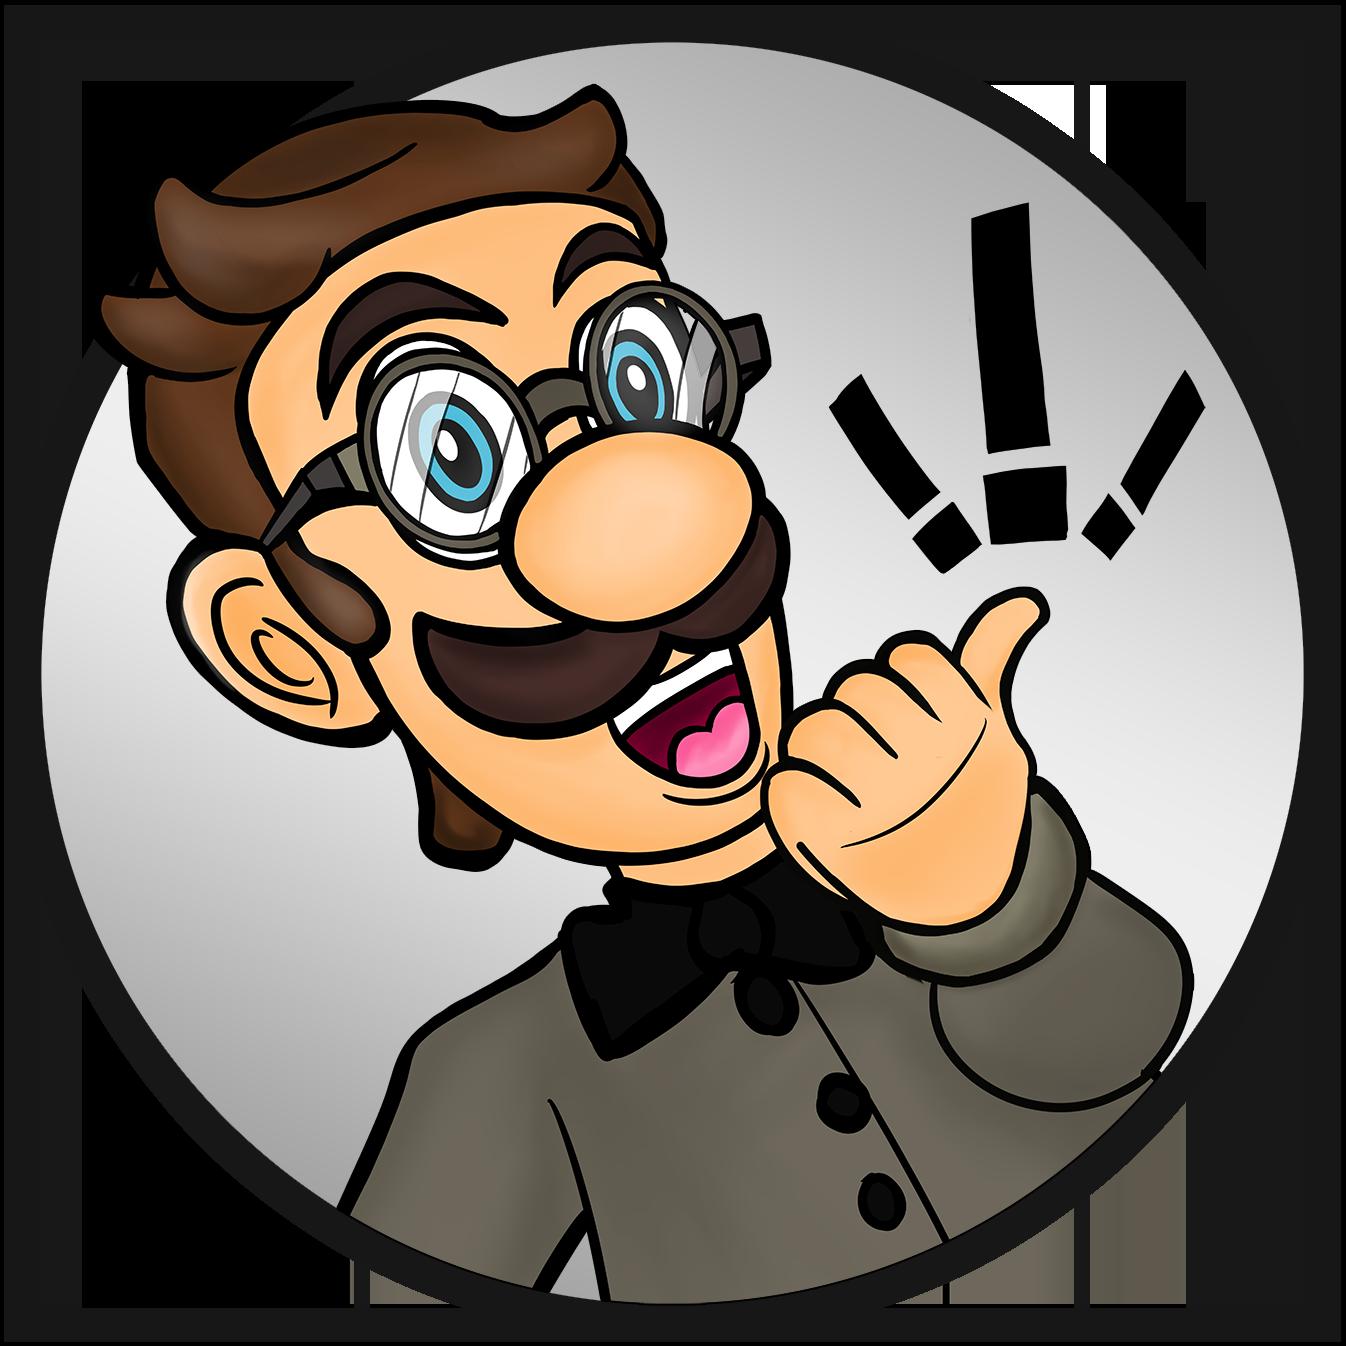 Luigi as a Teacher